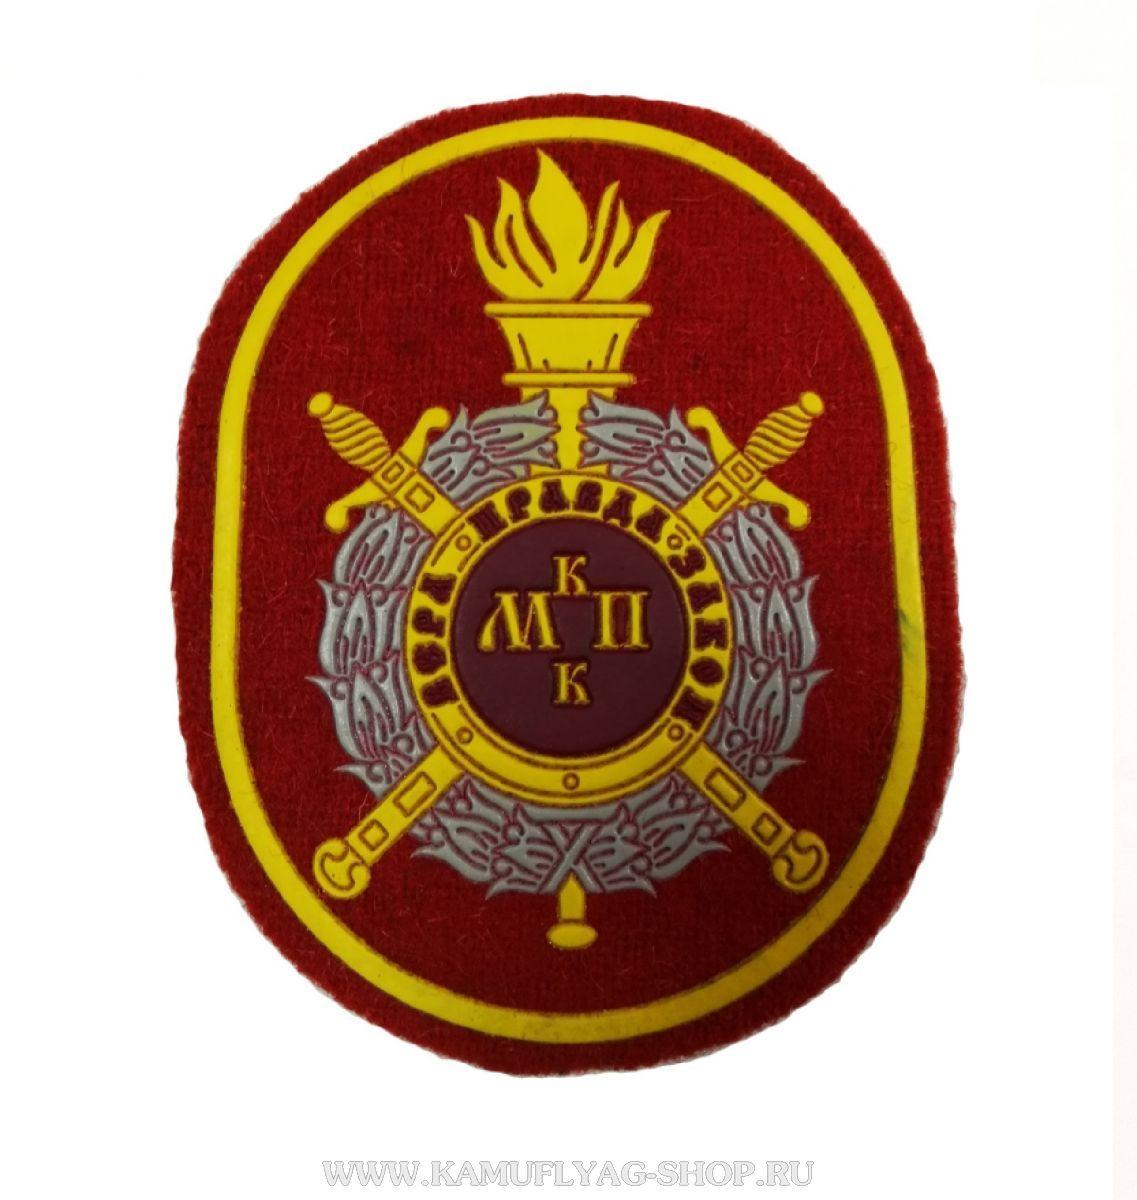 Шеврон фирменный заказной КШ-И №10 (МПКК), пластизоль